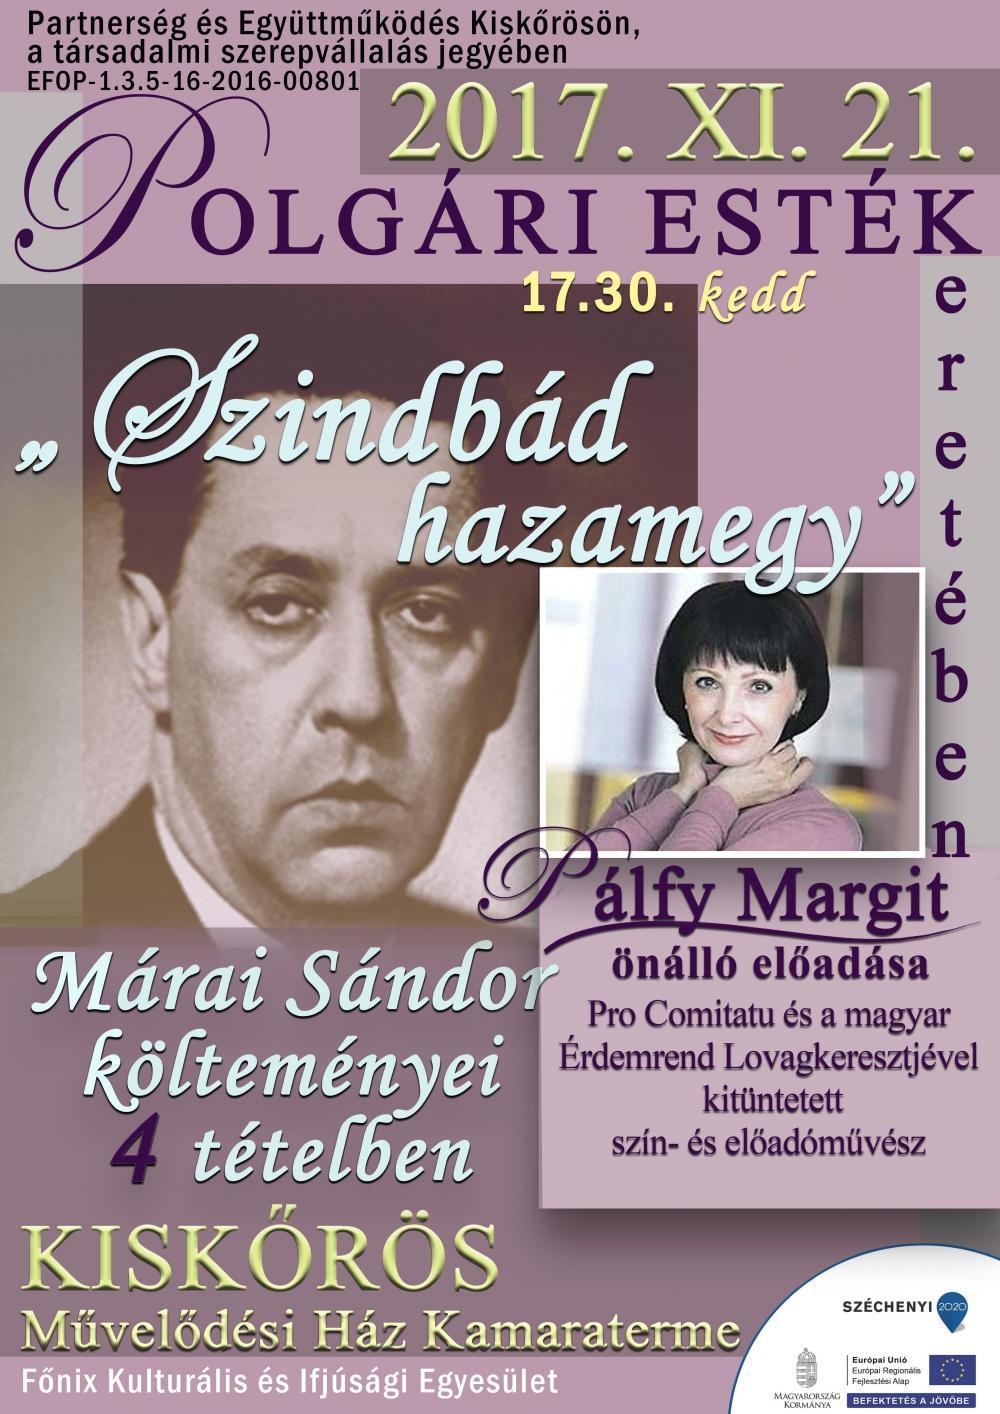 Szindbád hazamegy - Pálfy Margit előadása